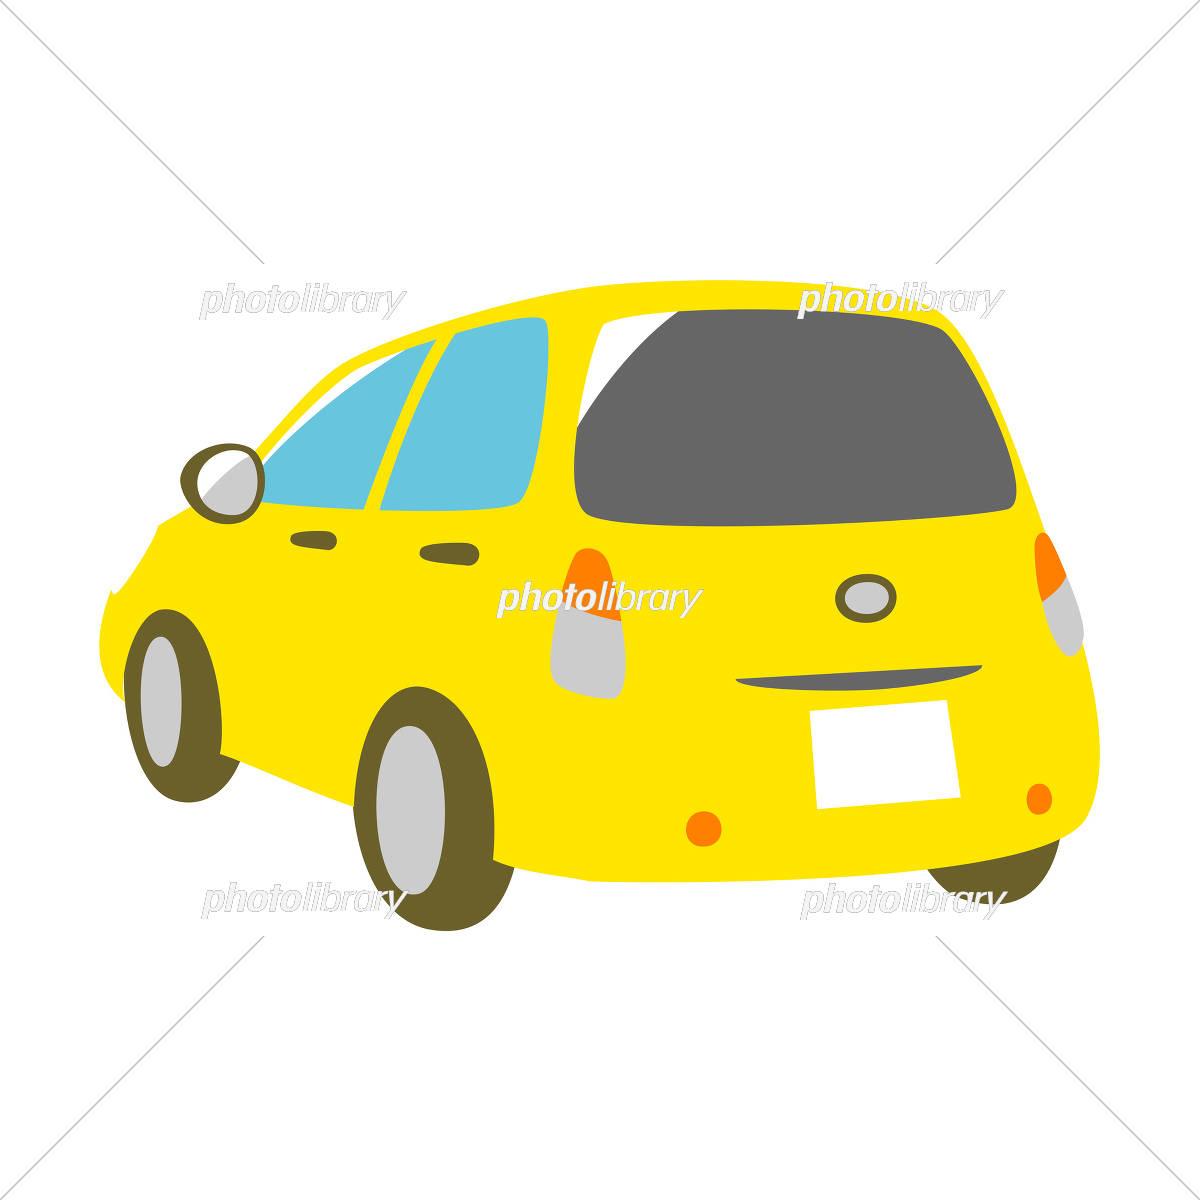 黄色の車 斜め背面 イラスト素材 5327206 フォトライブラリー